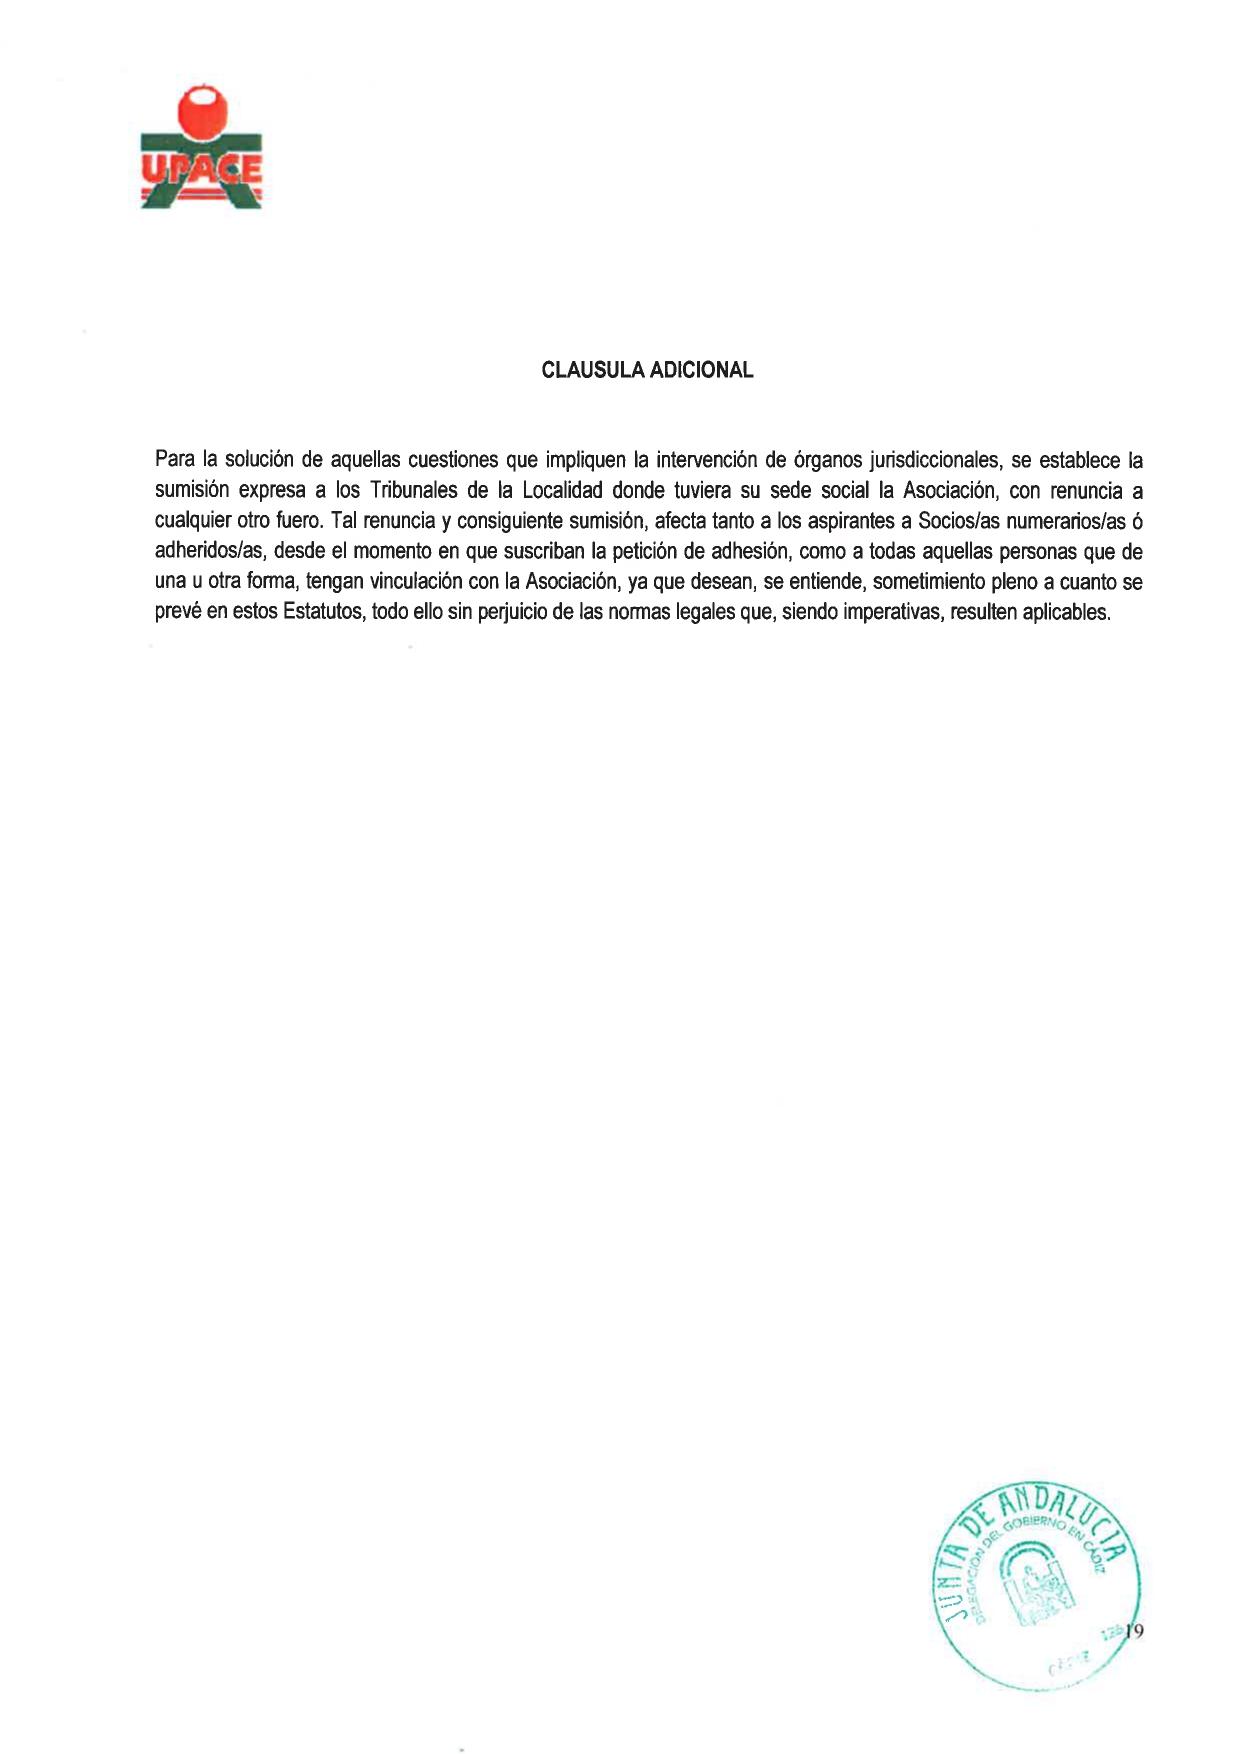 ESTATUTOS-19-06-2014_page-0019